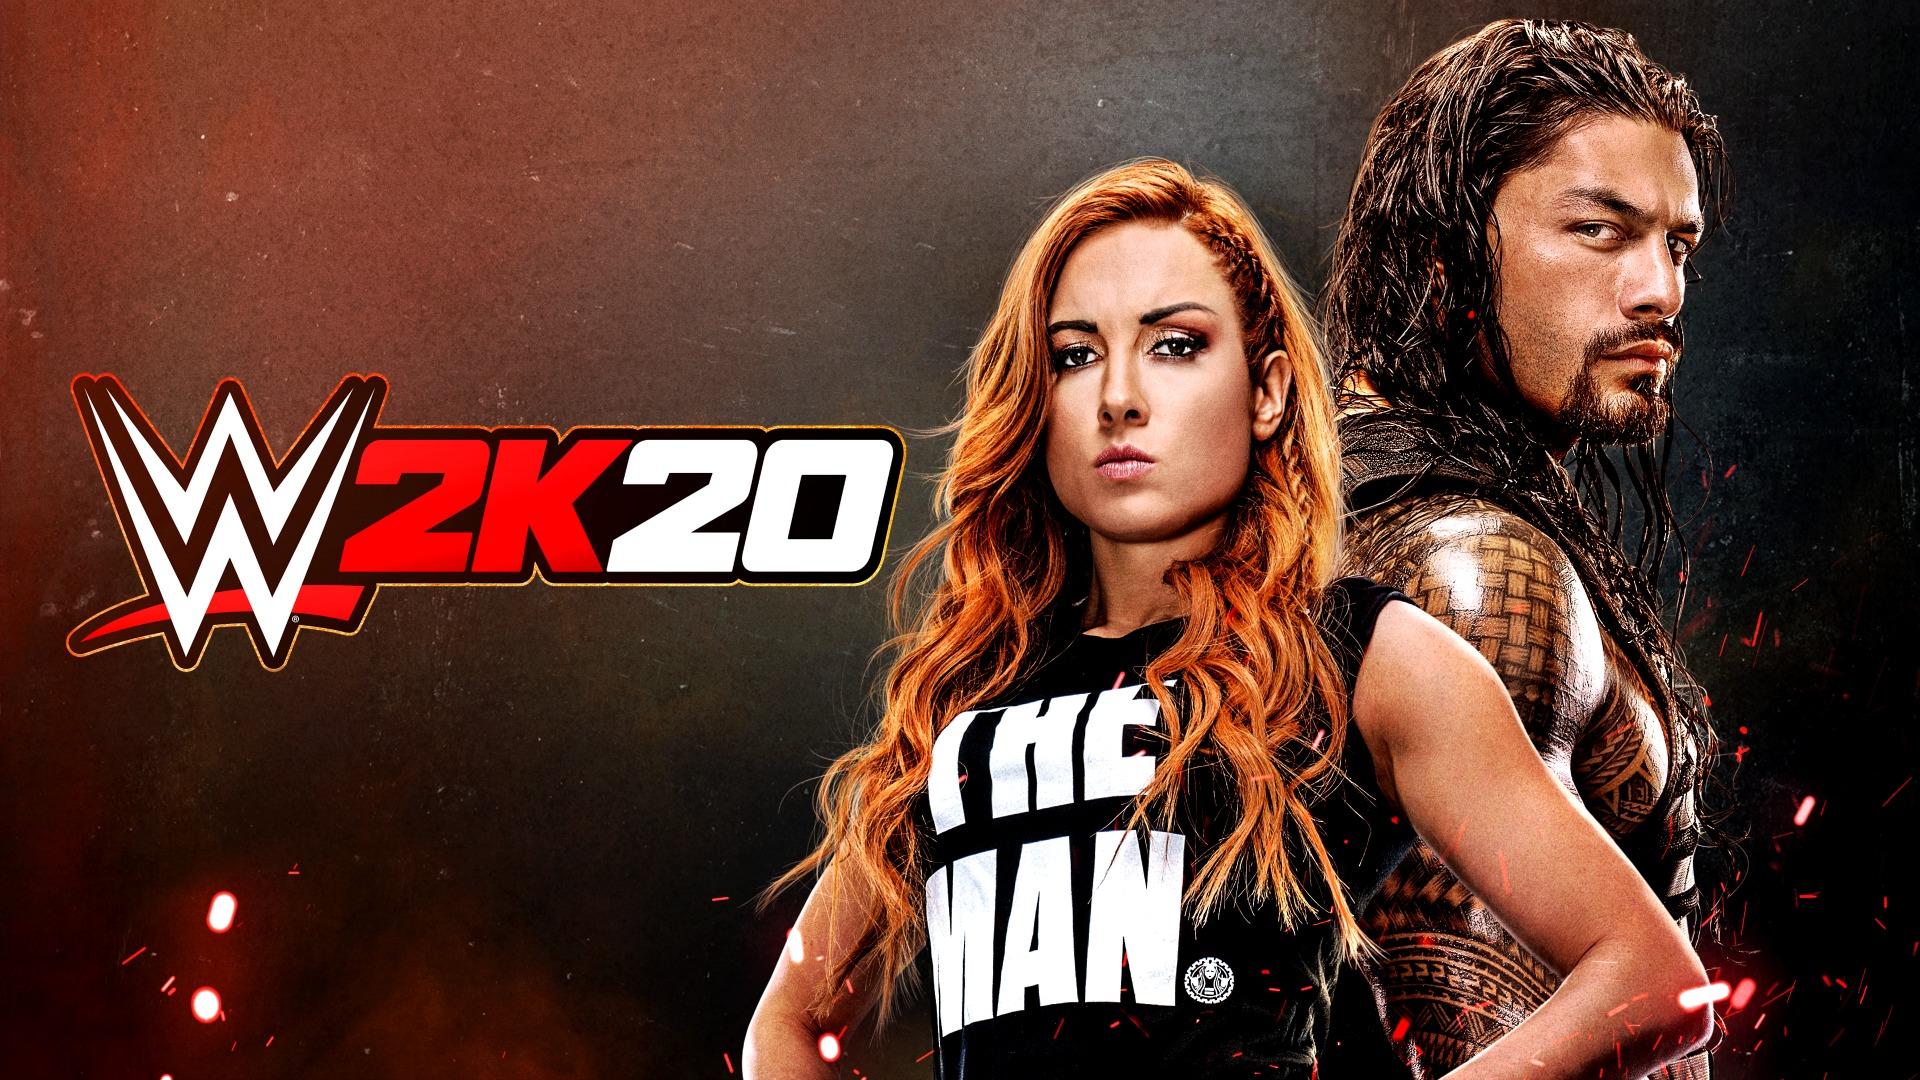 WWE 2K20 wird spielbare Frauen in MyCareer und vier auf Reiterinnen fokussierten Präsentationen zeigen 1